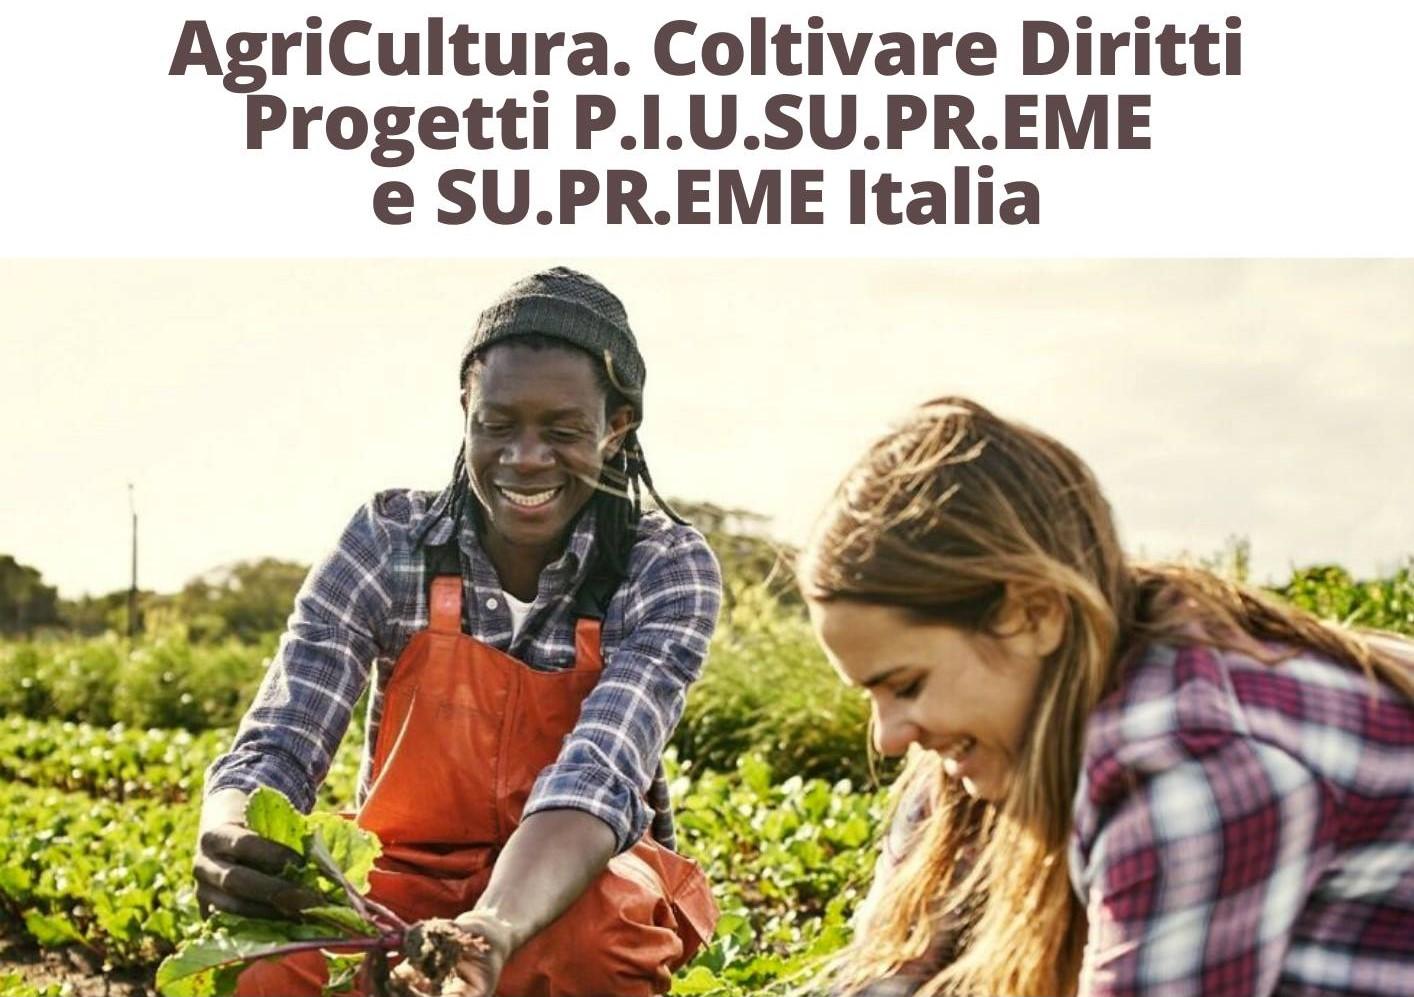 AgriCultura. Coltivare diritti: il 4 ottobre a Caserta contro lo sfruttamento lavorativo